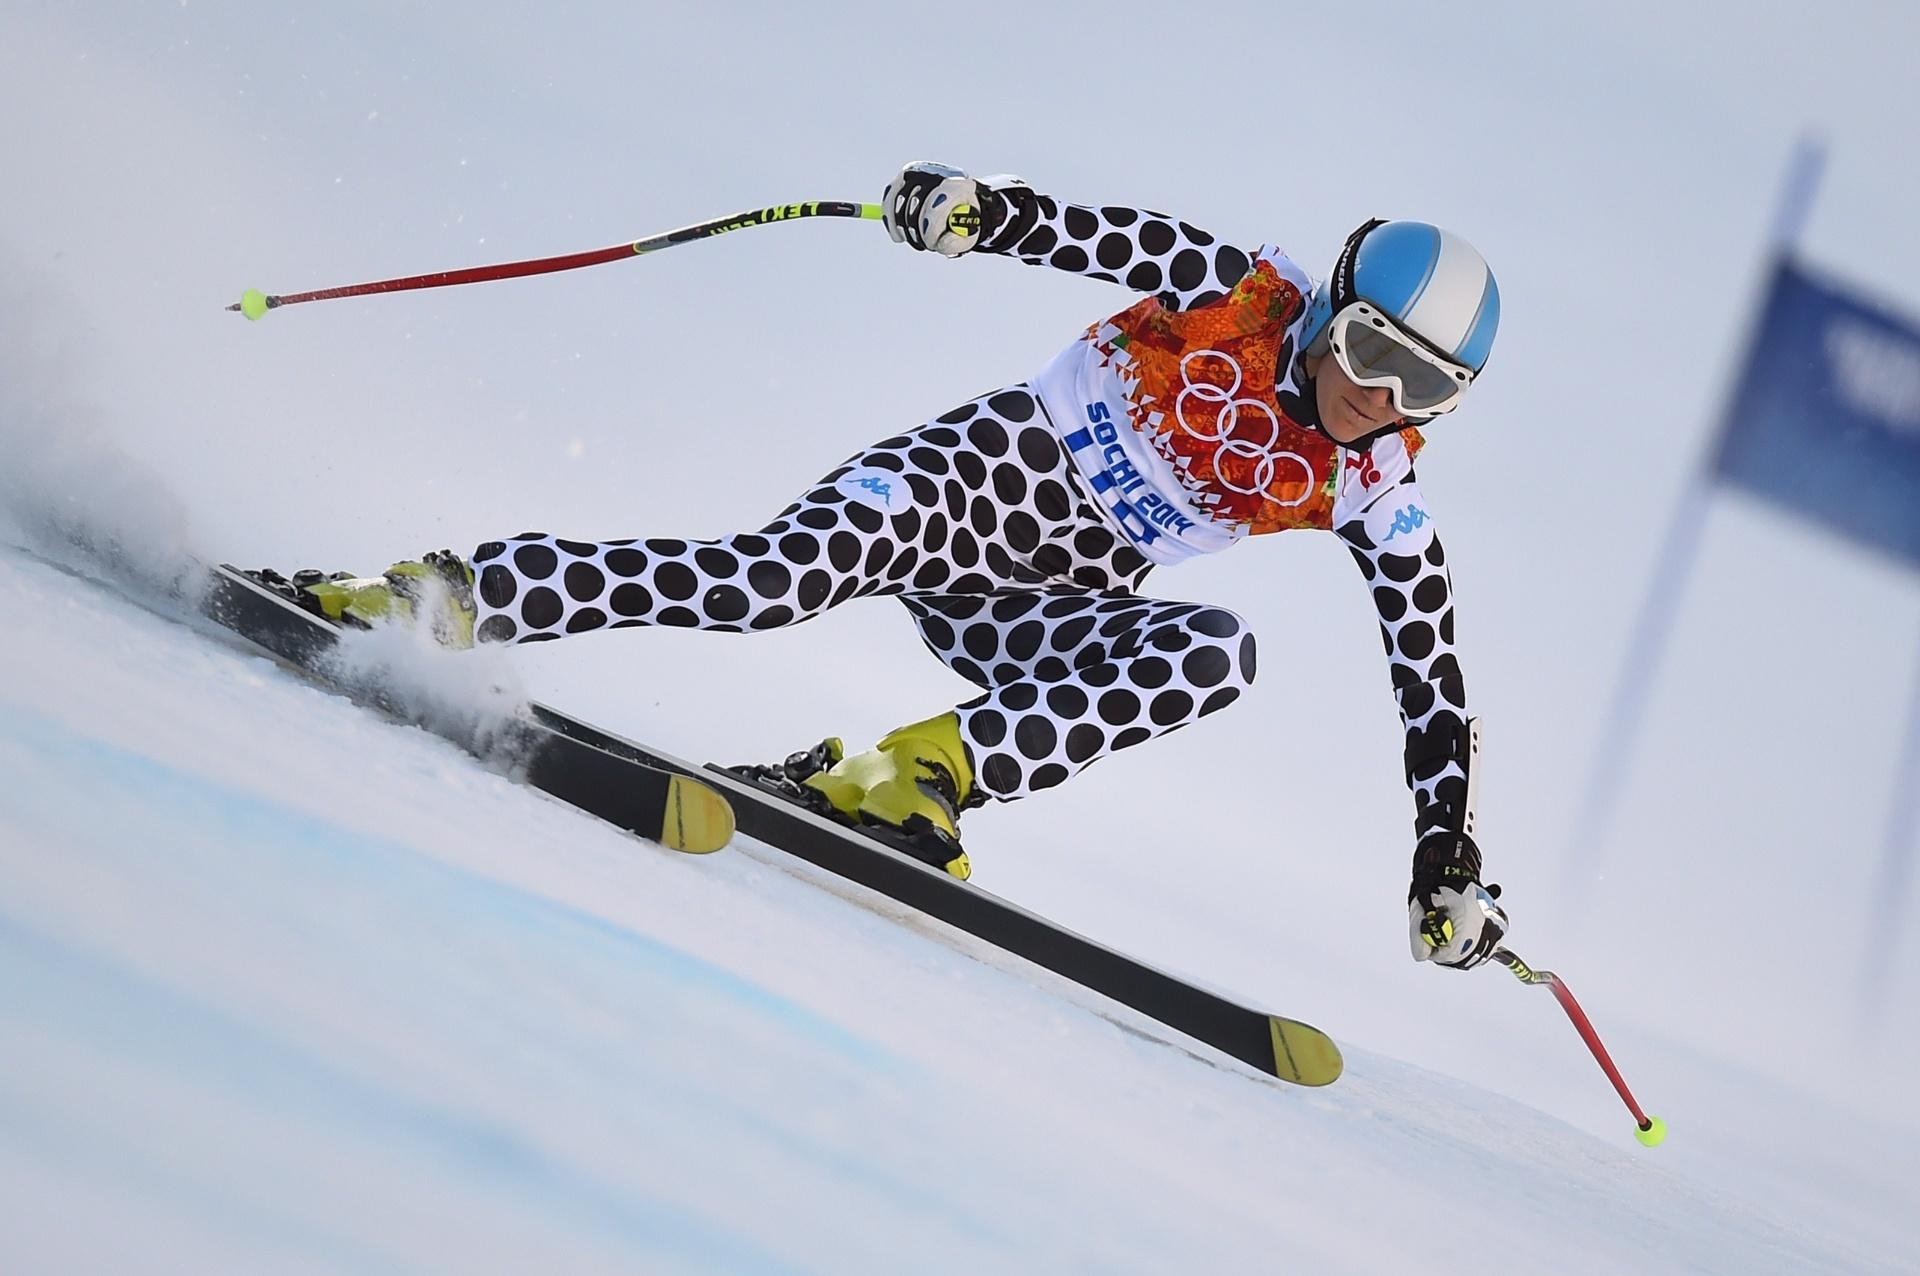 15.fev.2014 - Macarena Simari, da Argentina, participa da prova de esqui alpino durante os Jogos Olímpicos de Inverno em Sochi (Rússia)